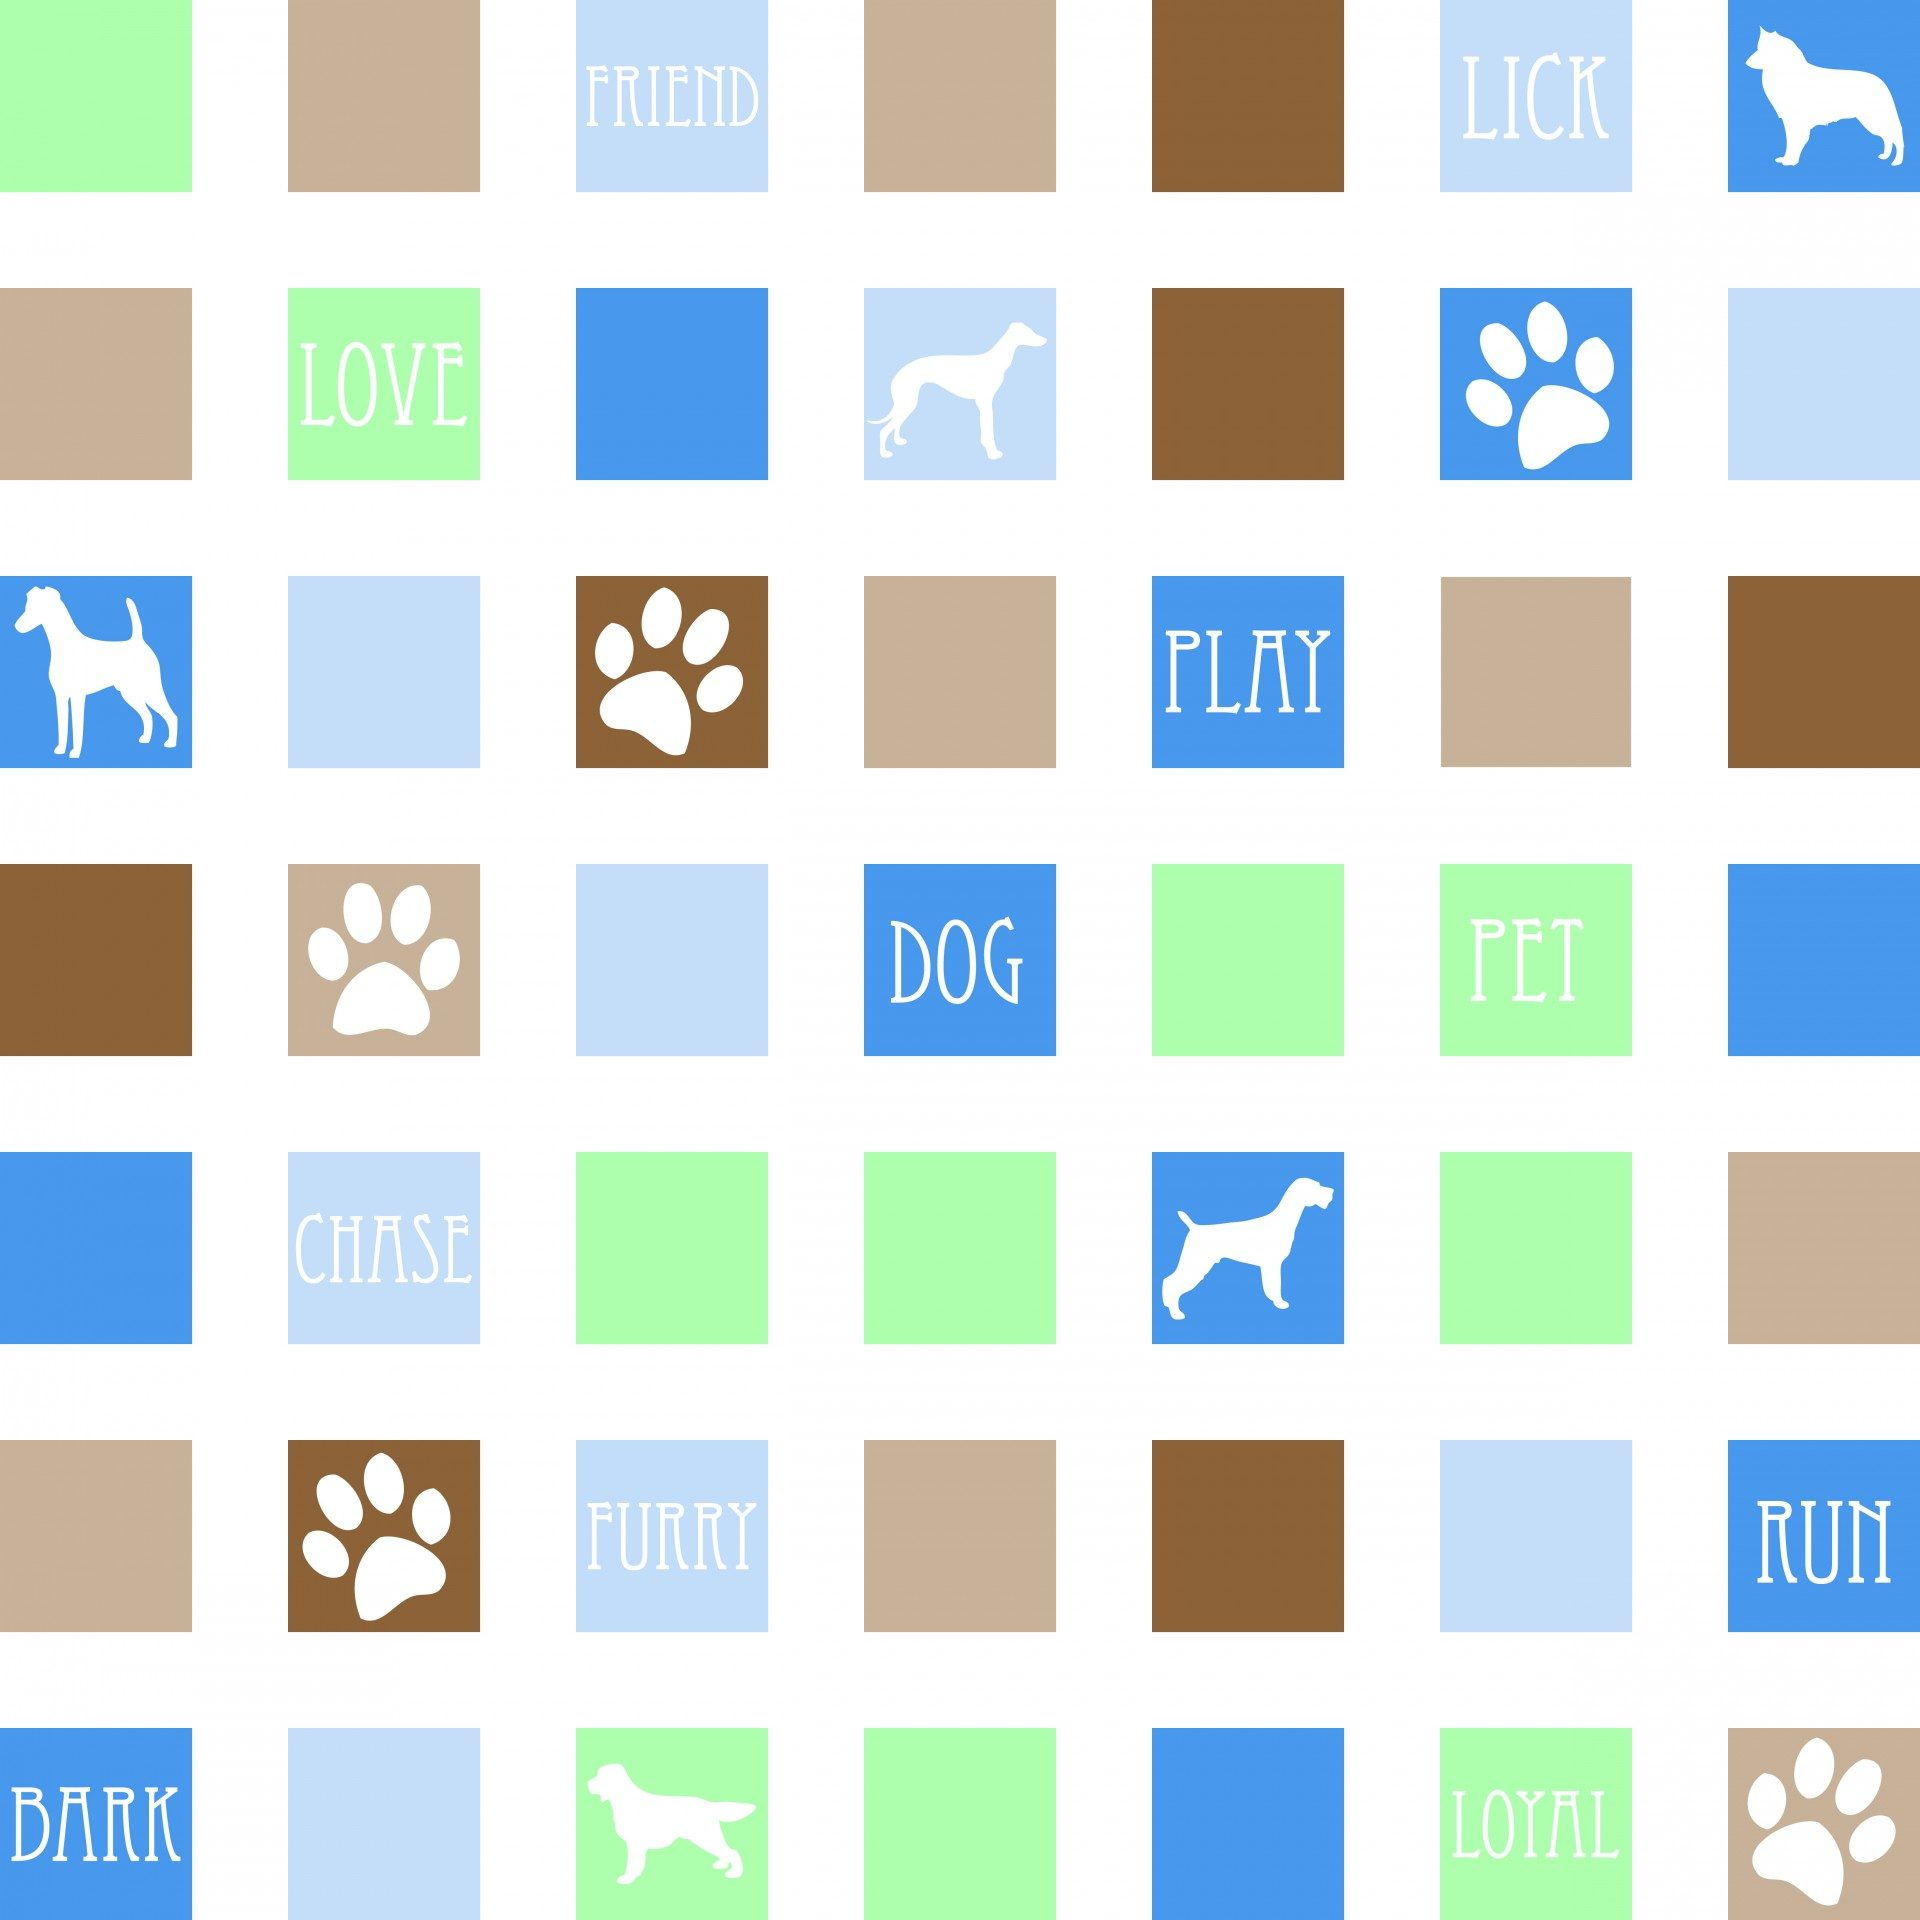 Dog background wallpaper design dog background wallpaper design voltagebd Choice Image